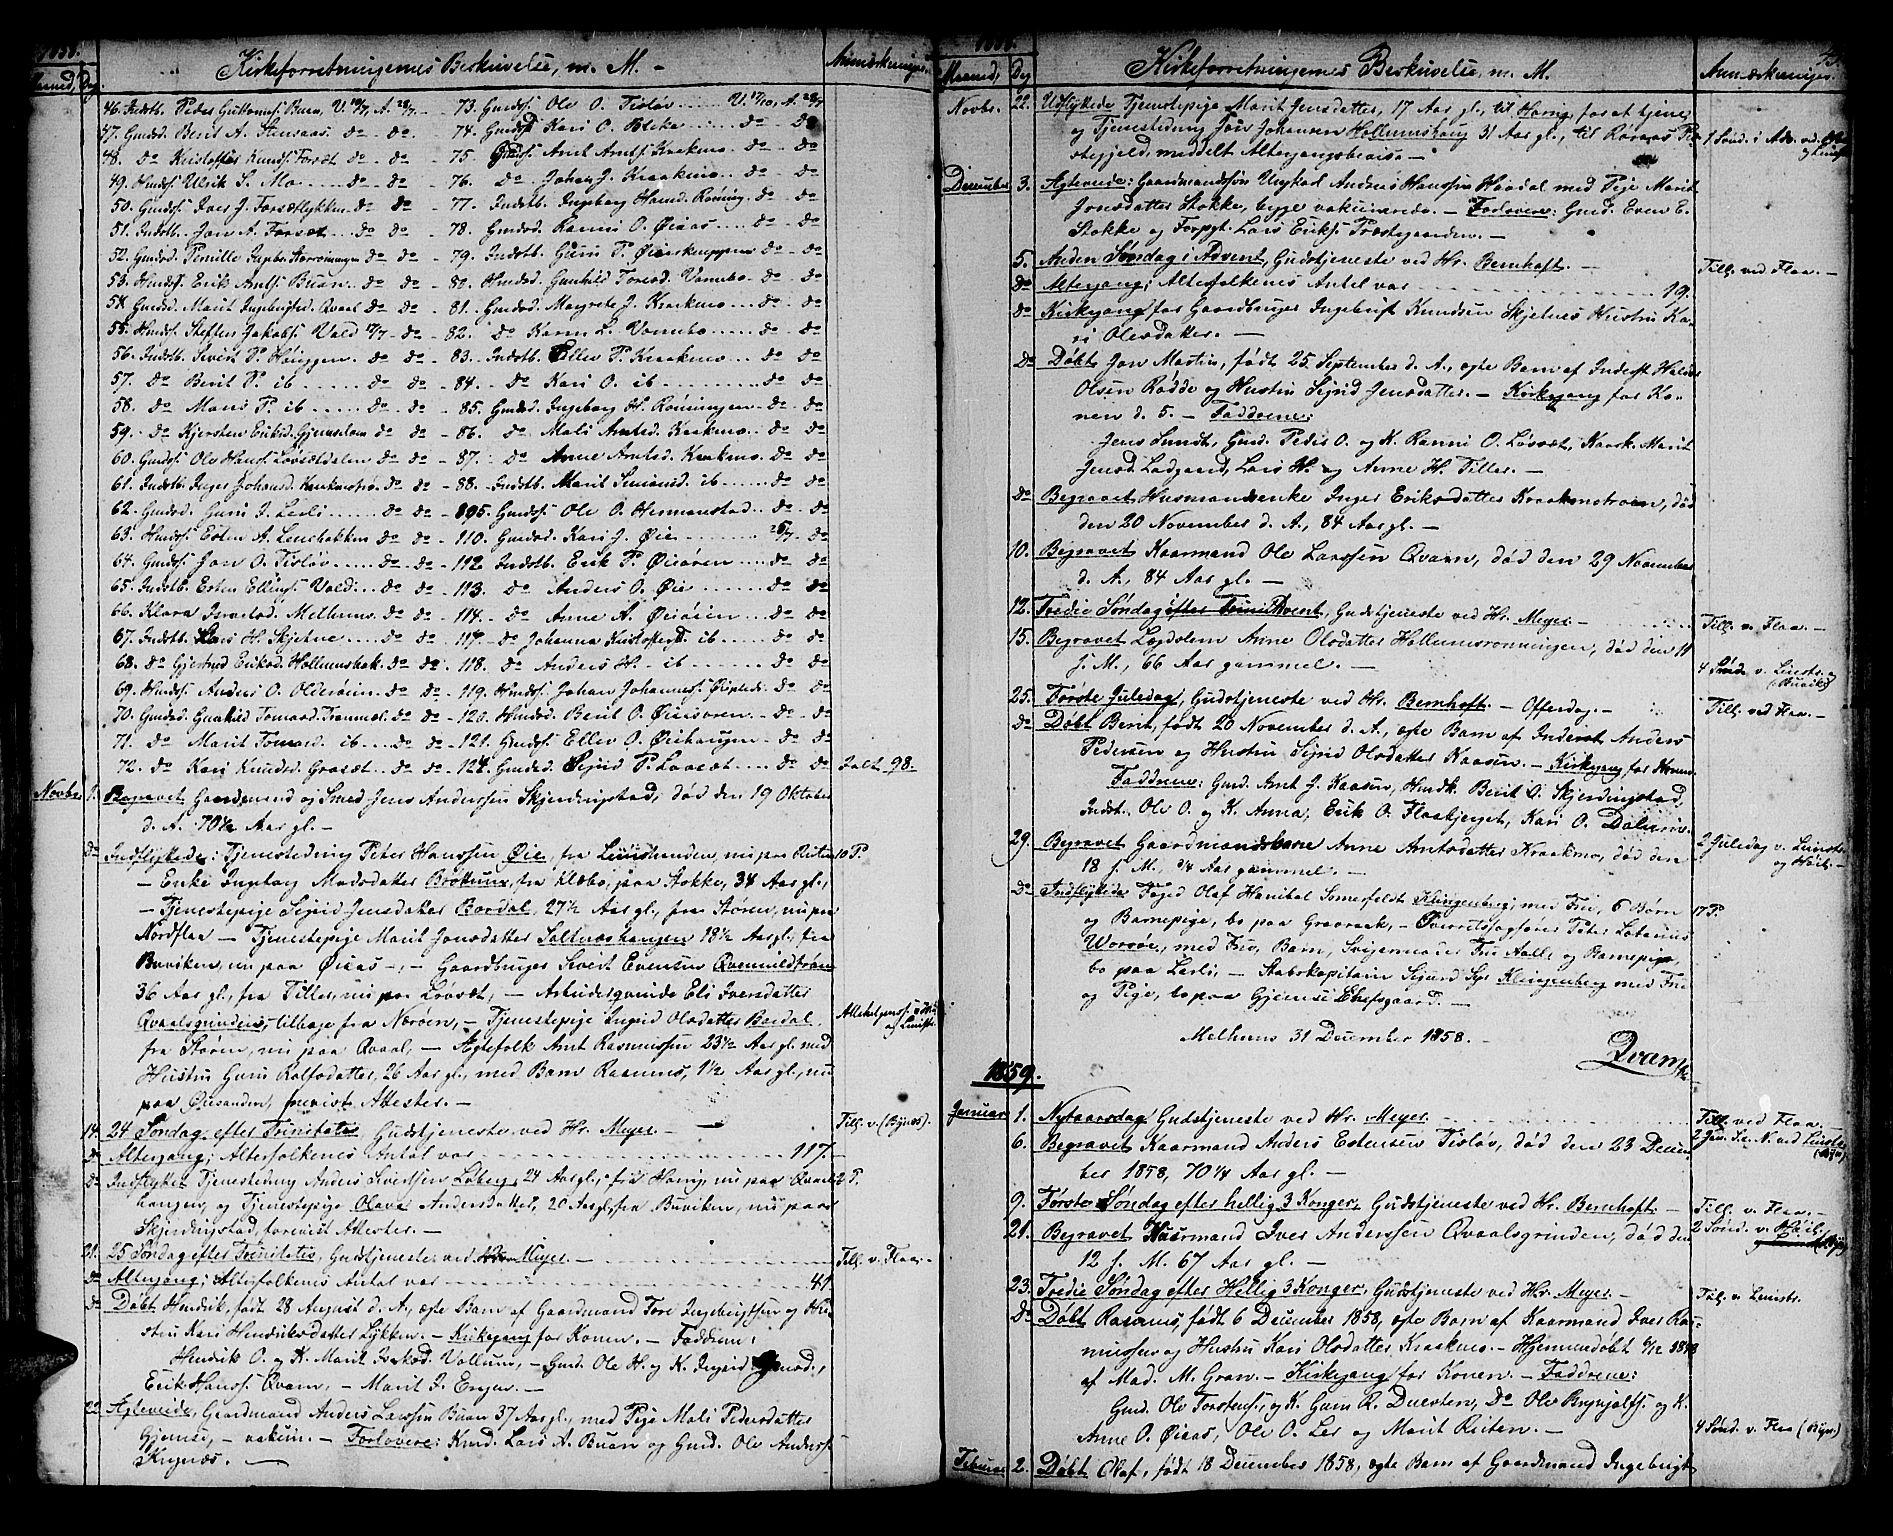 SAT, Ministerialprotokoller, klokkerbøker og fødselsregistre - Sør-Trøndelag, 691/L1093: Klokkerbok nr. 691C04, 1852-1879, s. 45